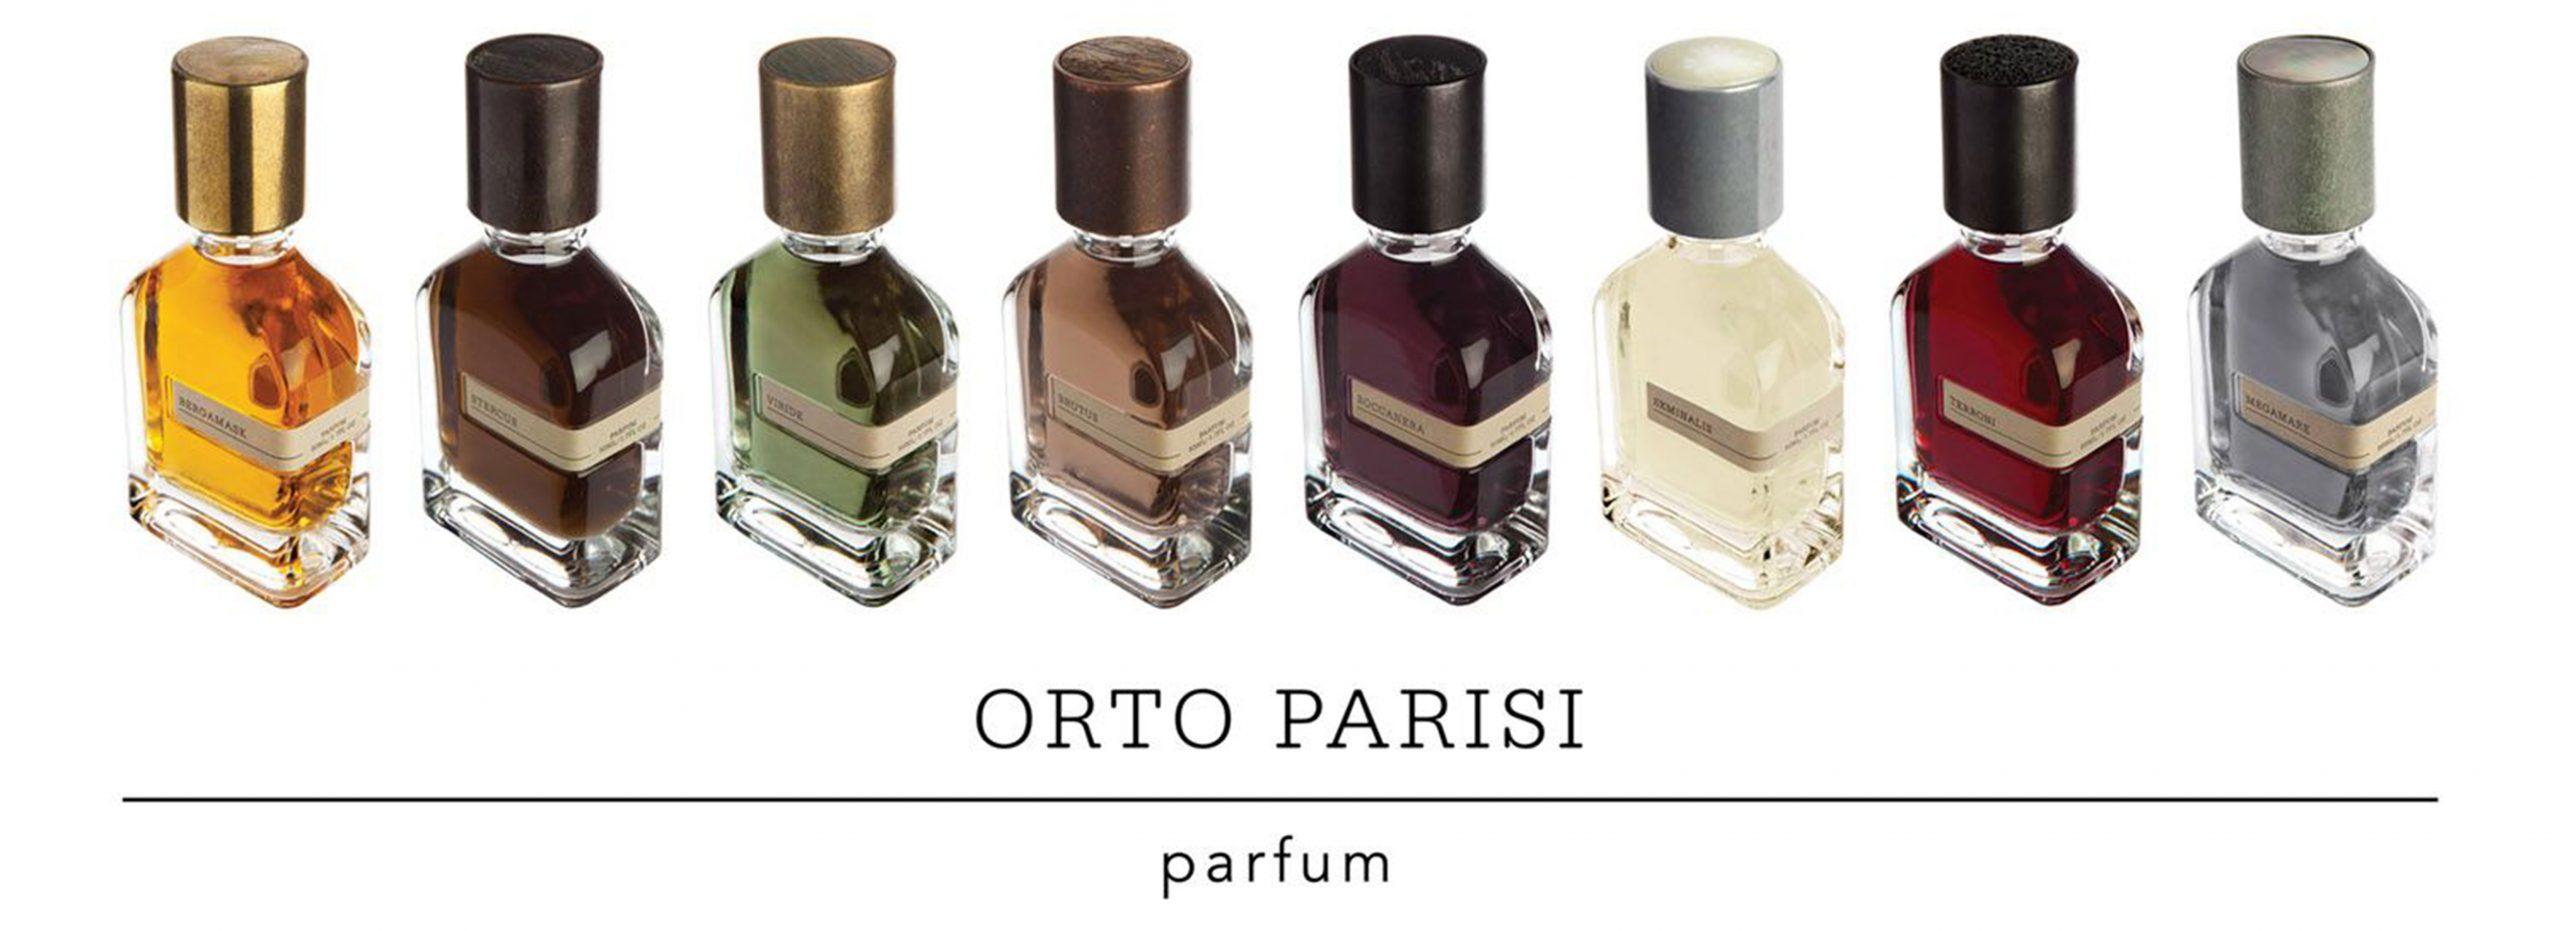 ! اورتو پاریسی همانطور که از طبیعت و خلقت جهان برای ساخت عطرهای خود ایده می گیرد، داستان هر کدام از عطرهای خود را به بهترین شکل و با تصاویری هنری و خاص به تصویر می کشد.